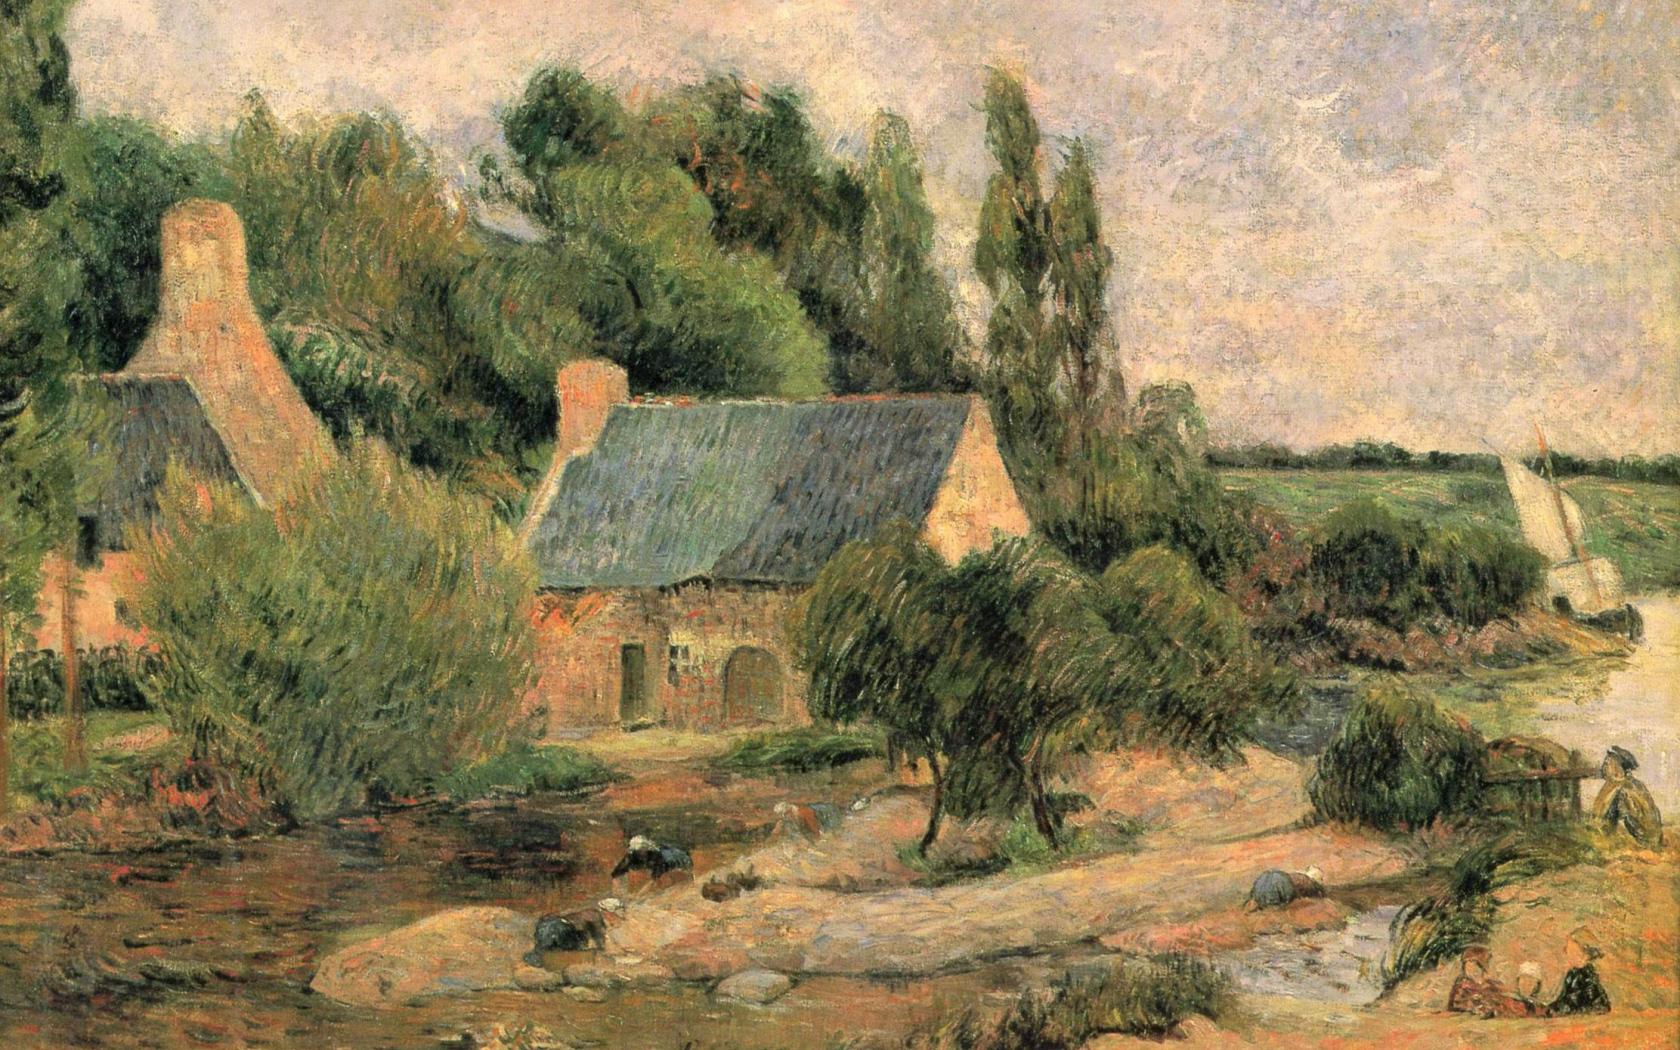 пейзаж < Прачки из Понт-Авена >  :: Поль Гоген [ живопись постимпрессионизм ] - Paul Gauguin фото